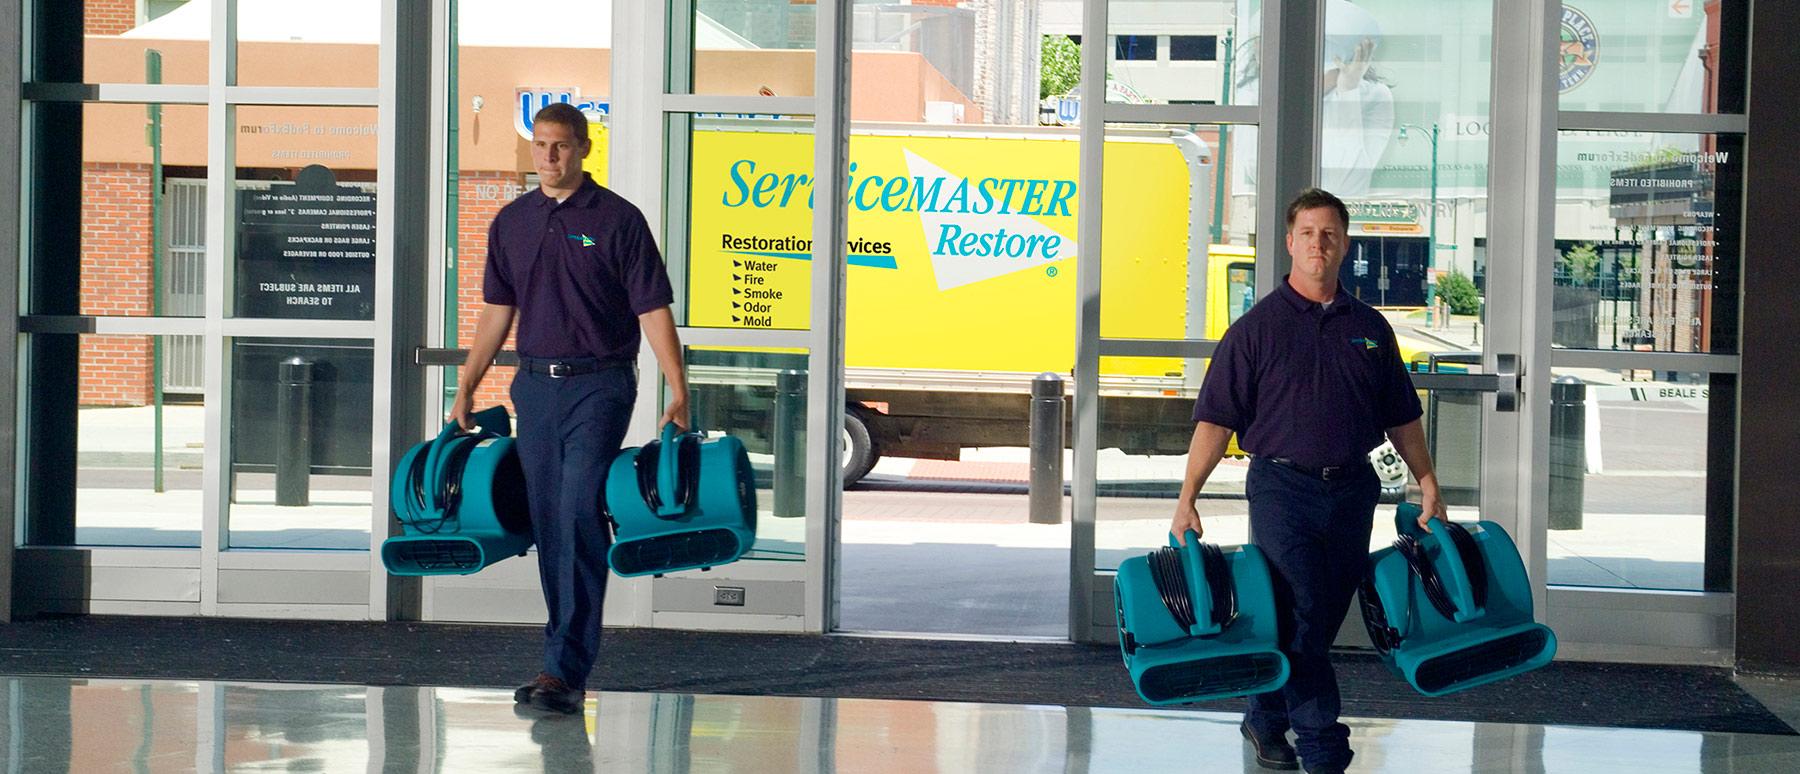 Servicemaster-entering_building